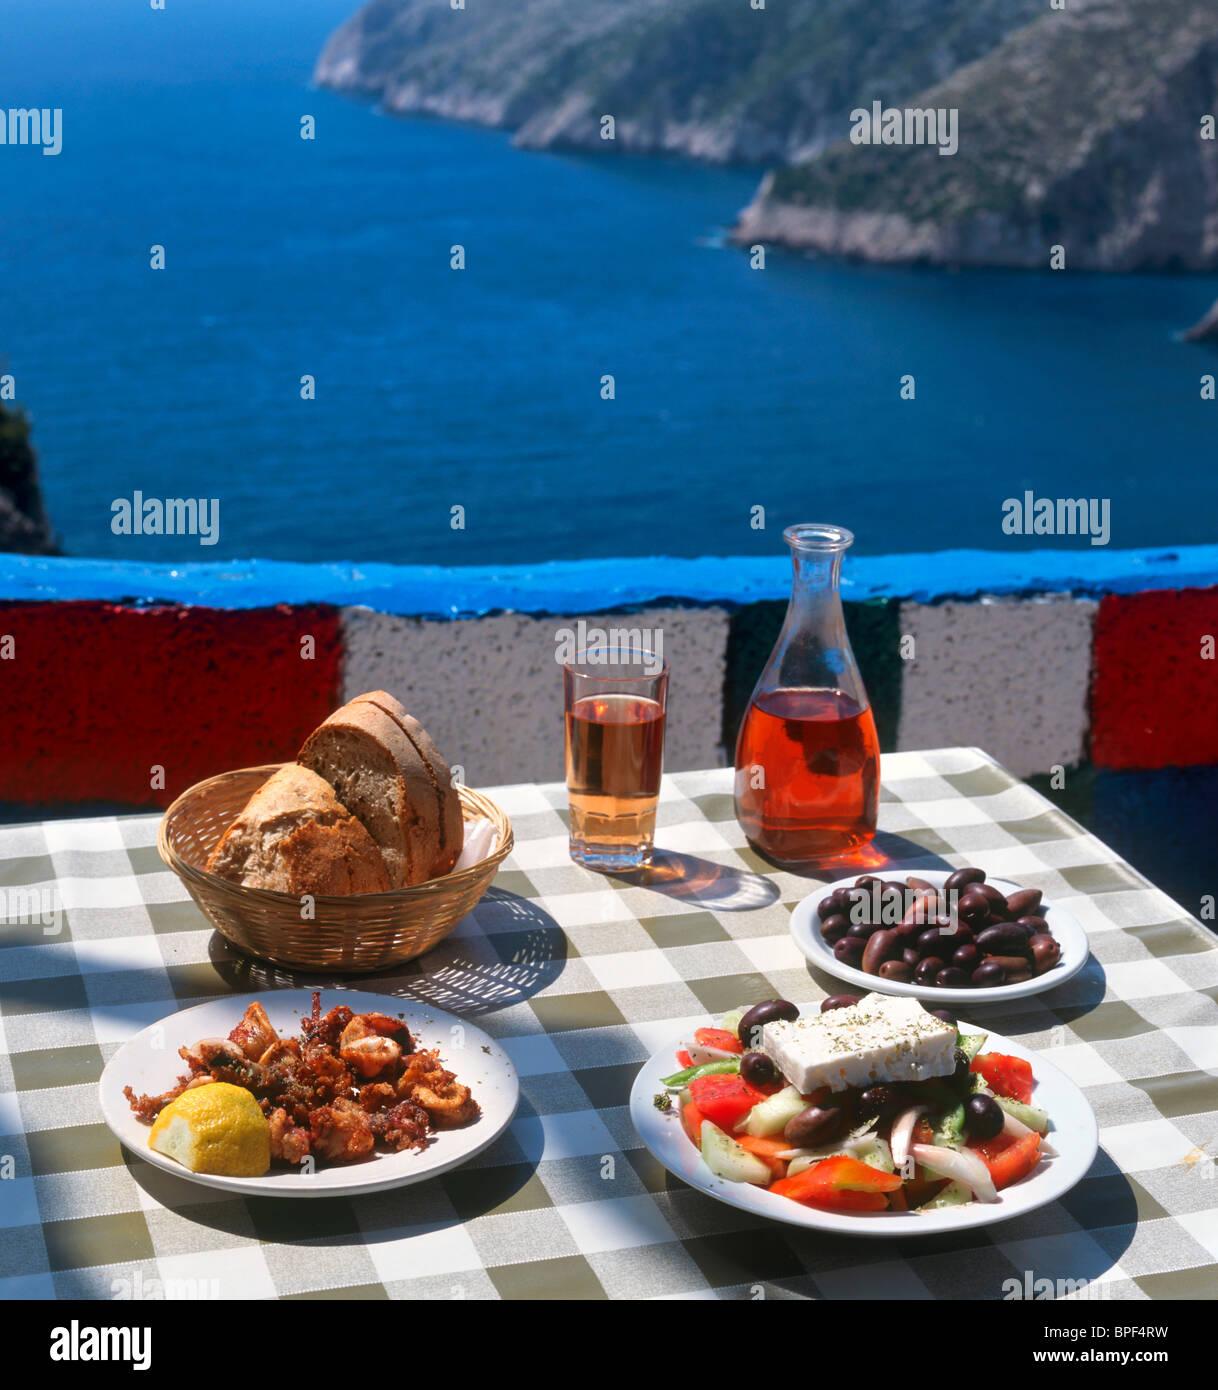 Vino y comida griega en una taberna en Kambi, Zakynthos (Zante), las Islas Jónicas, Grecia Imagen De Stock